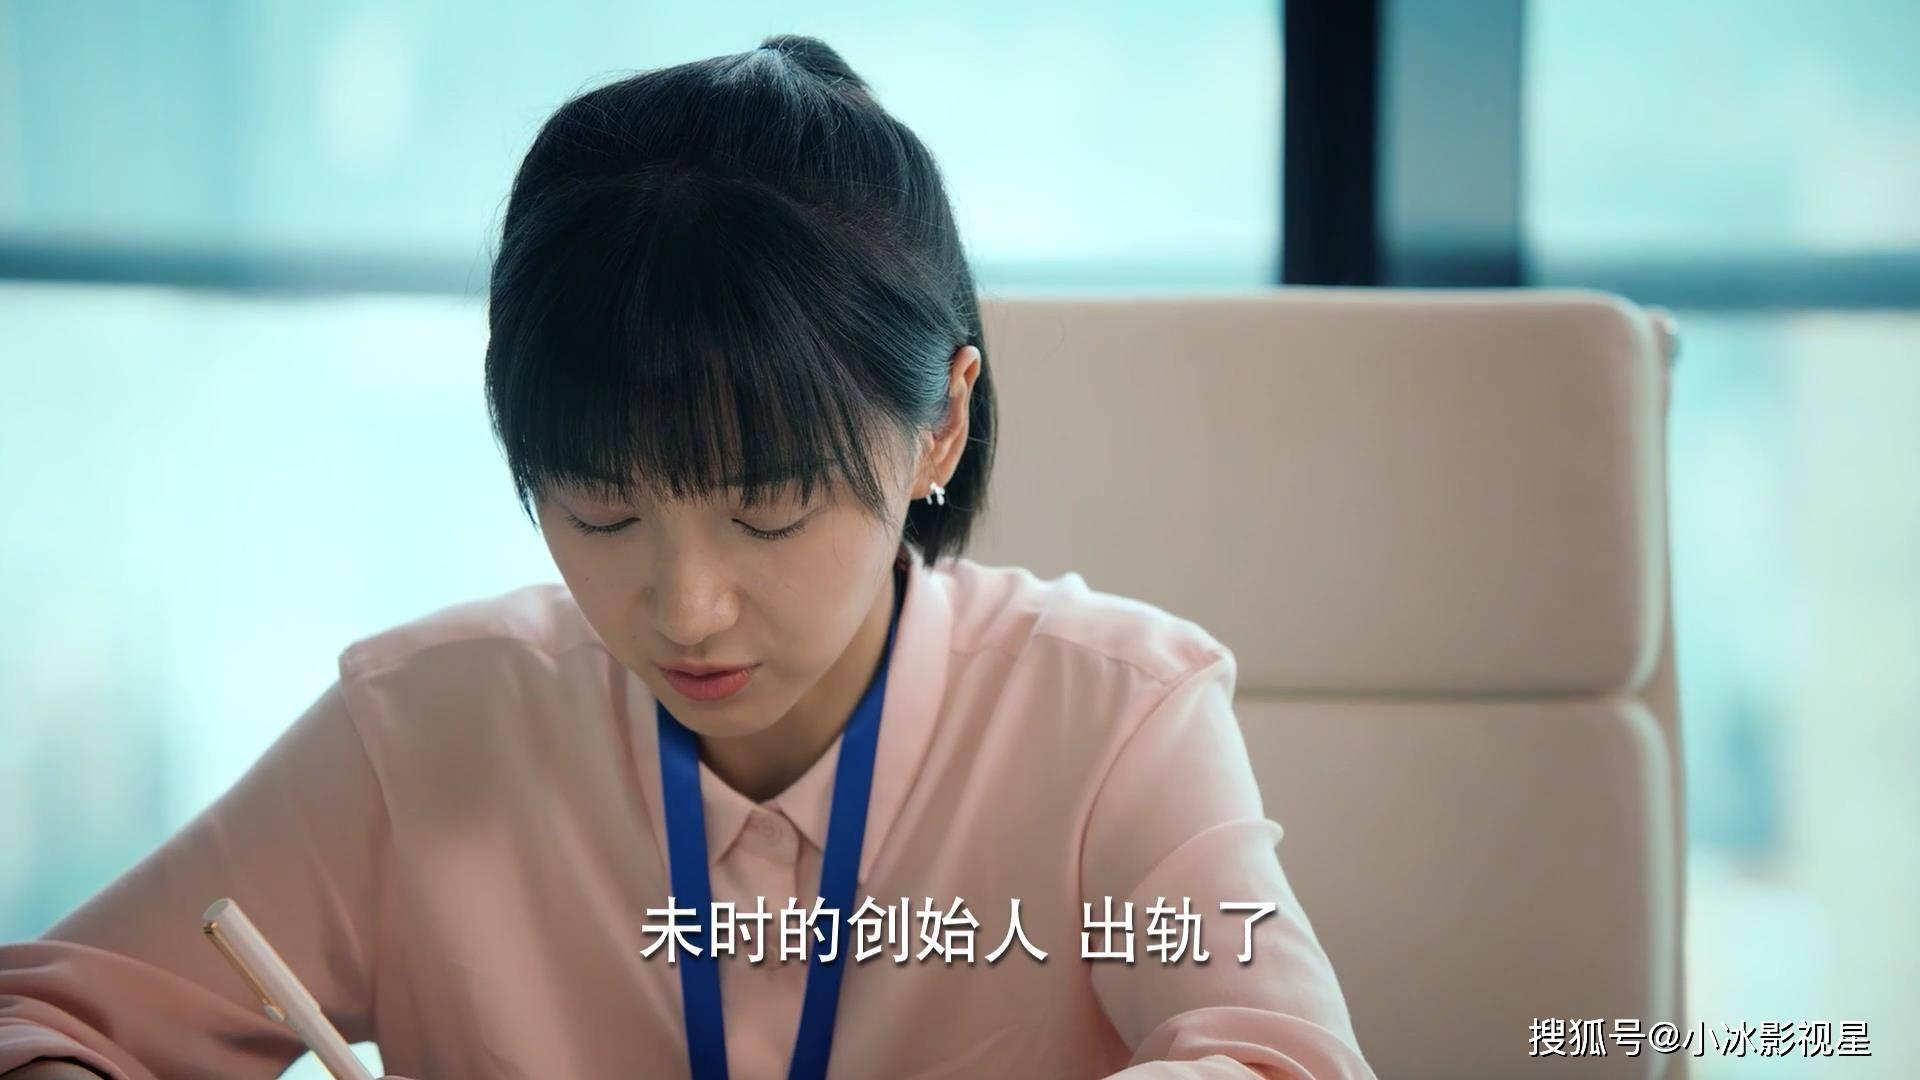 二十不惑:罗艳被当成小三,姜小果友情破裂,路然父母态度坚决